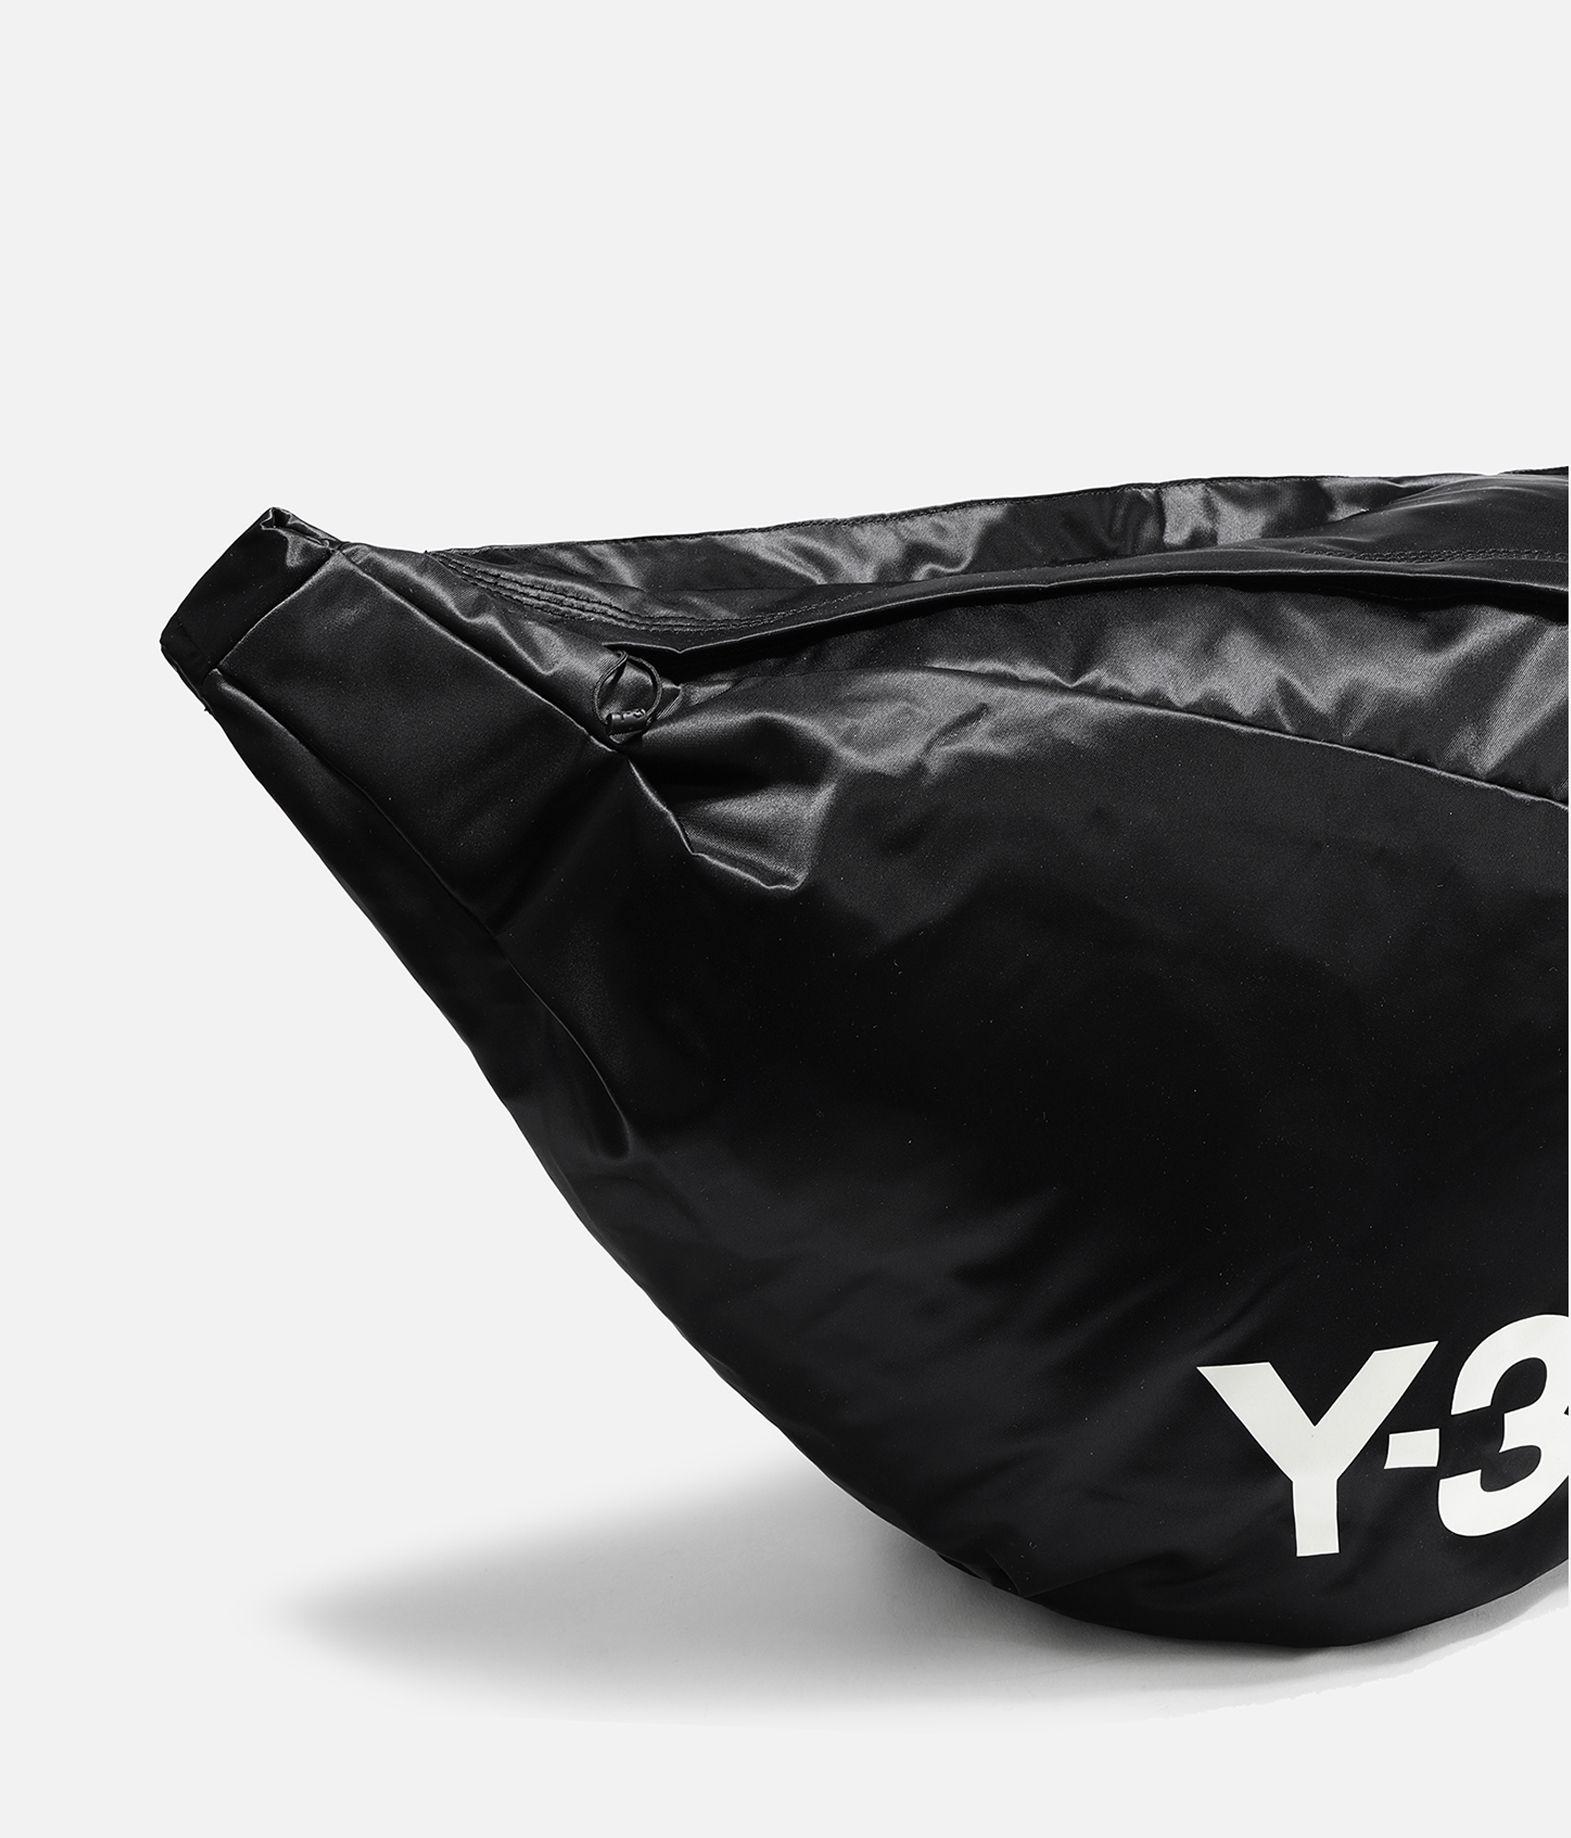 Y-3 Y-3 Sneaker Bag Bag E a